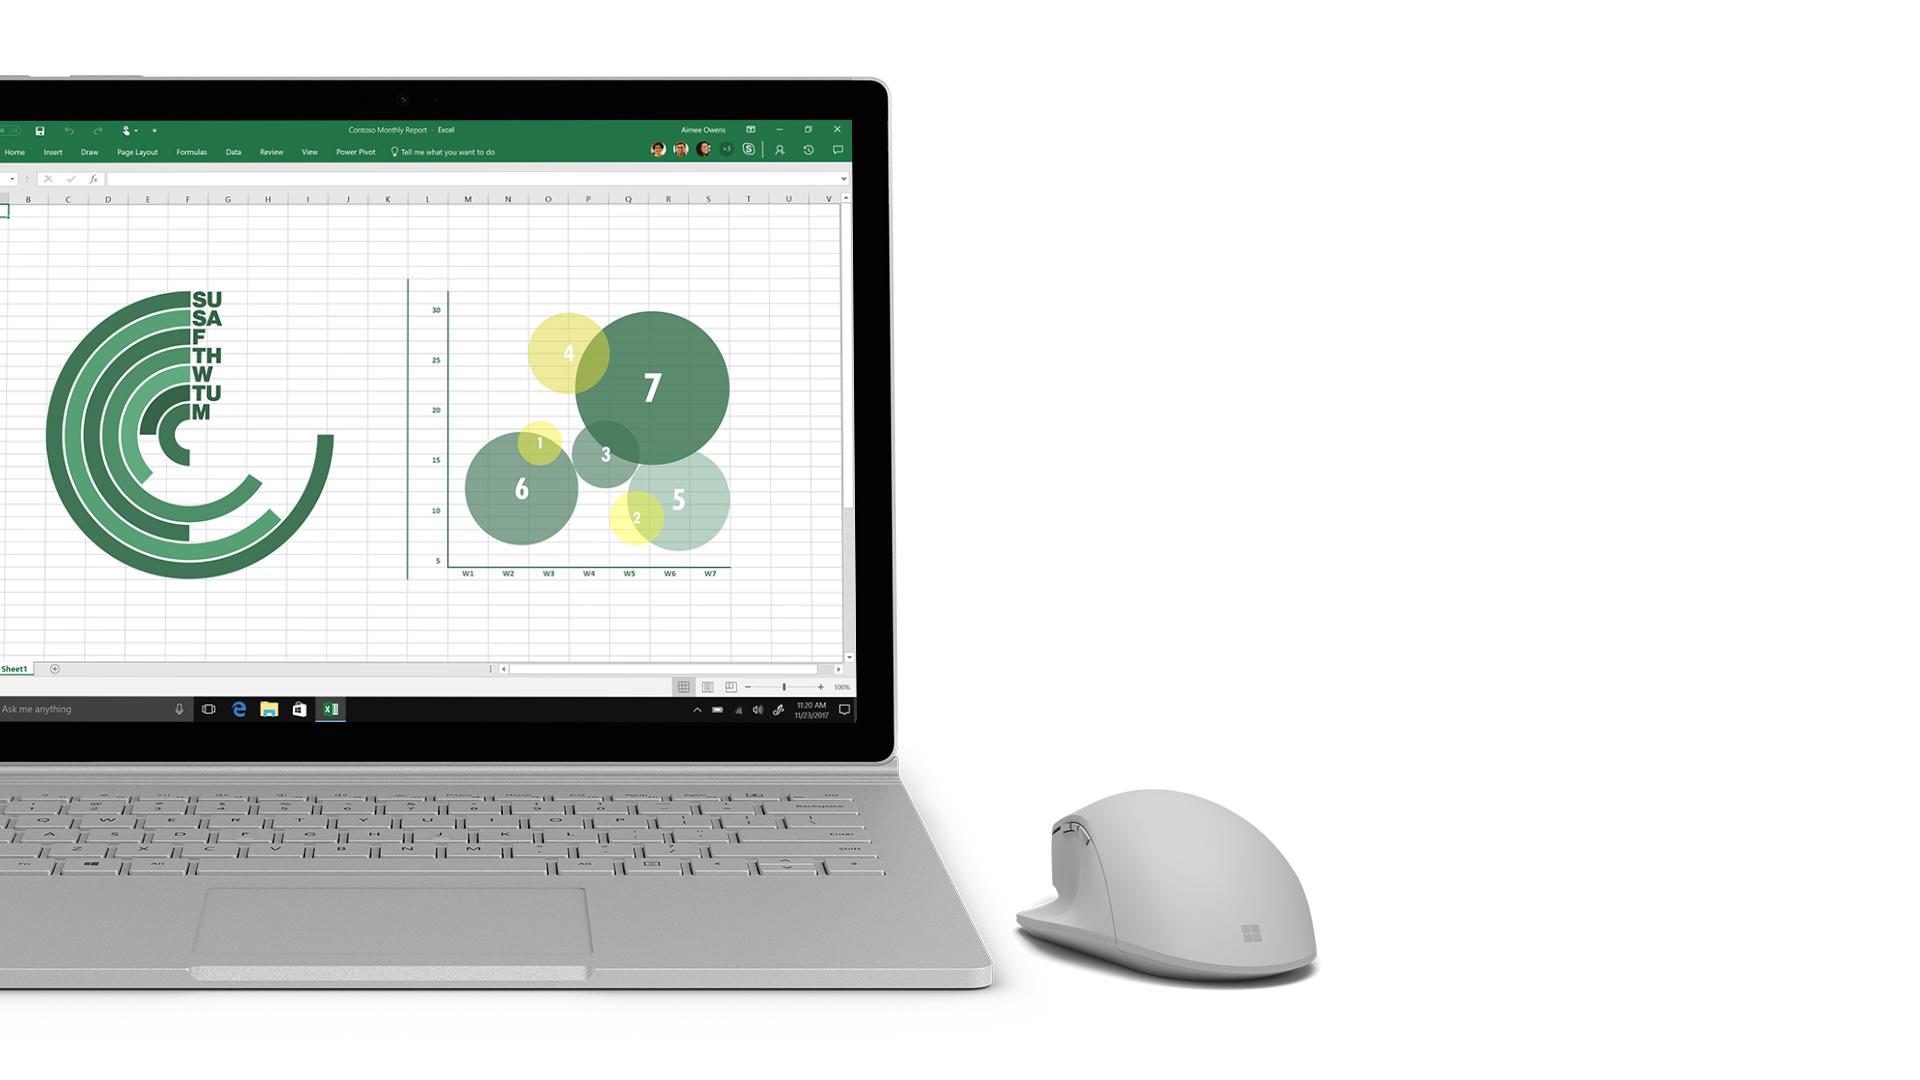 ภาพหน้าจอของ Excel บน Surface